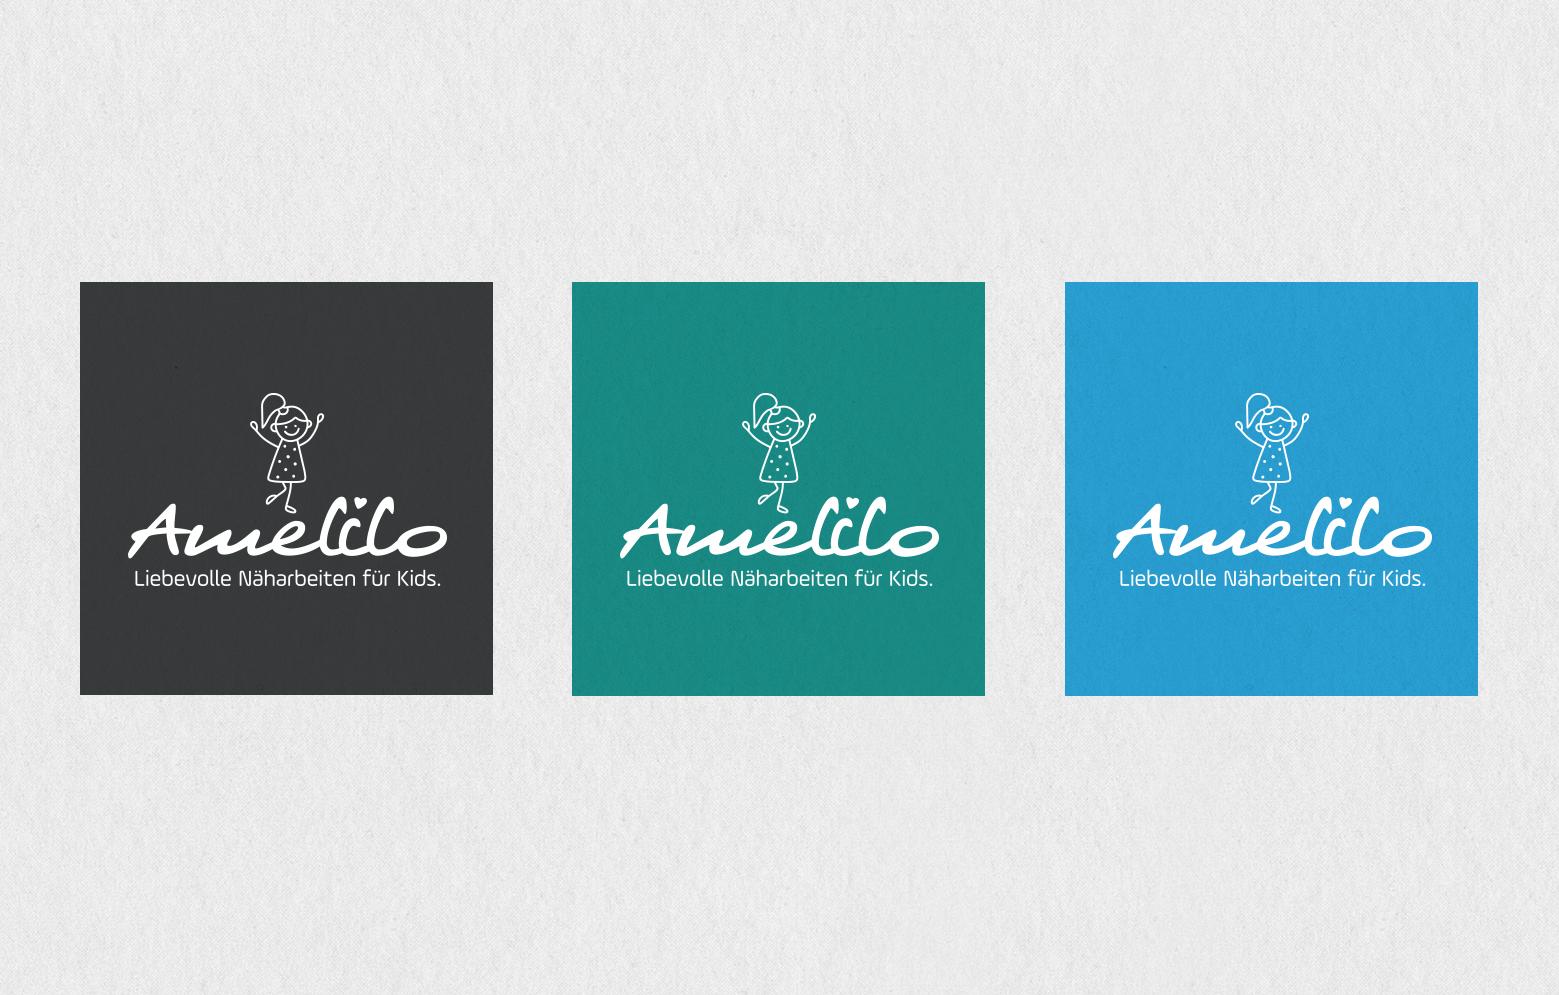 Amelilo Logos in den drei Farben